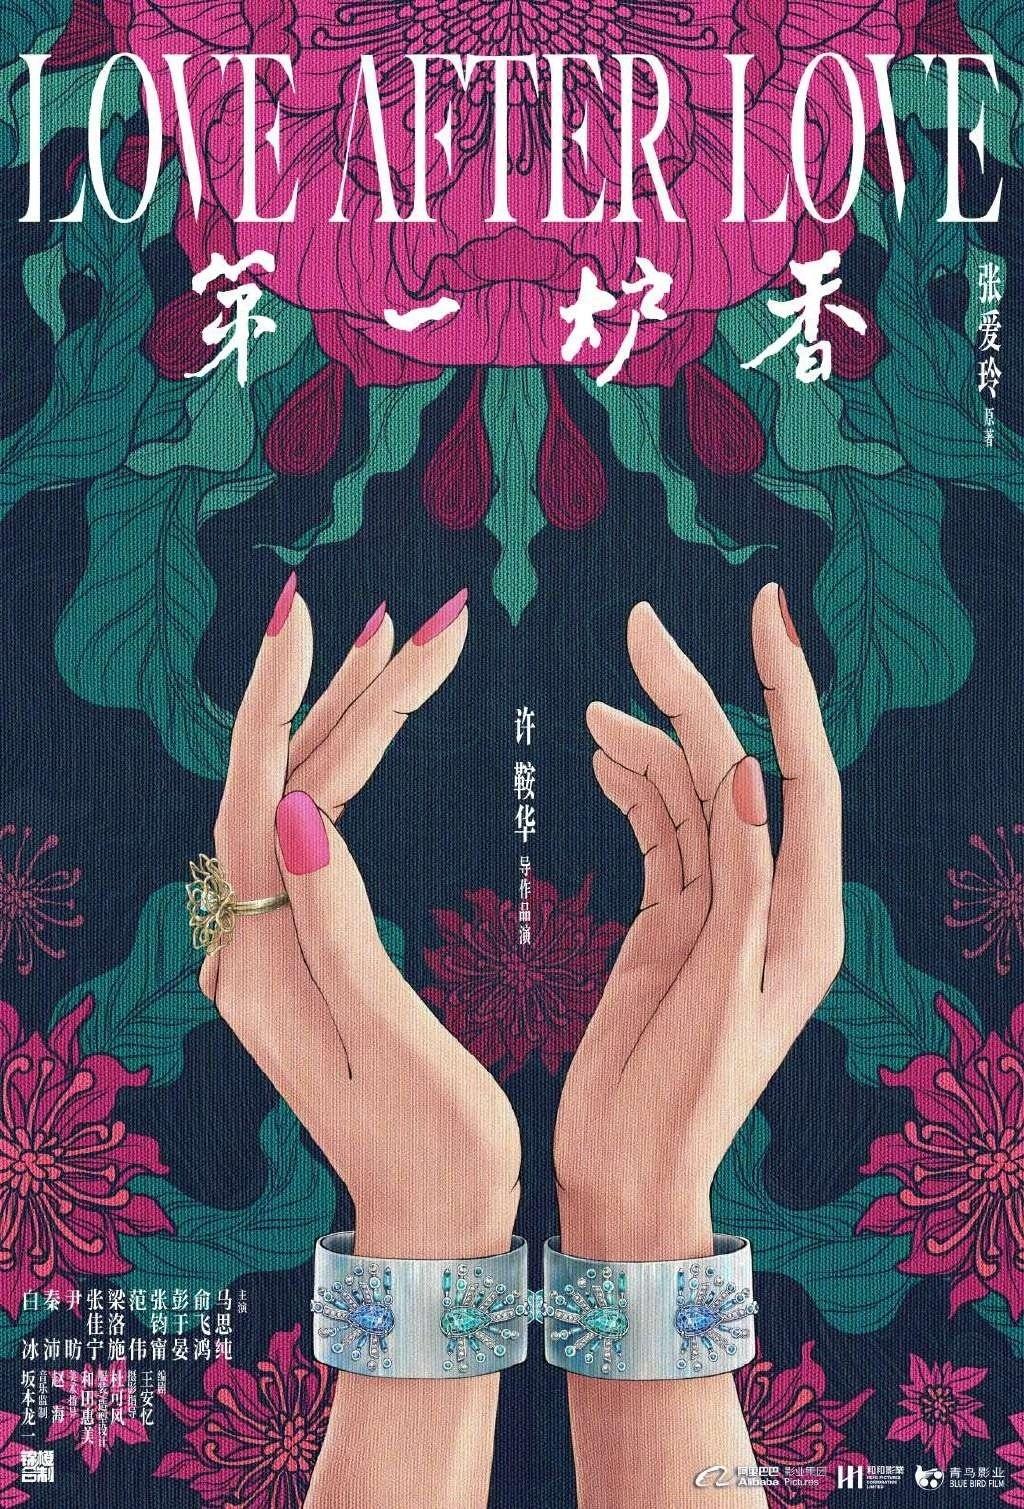 """《第一炉香》曝新剧照 """"公子哥""""彭于晏率性潇洒"""